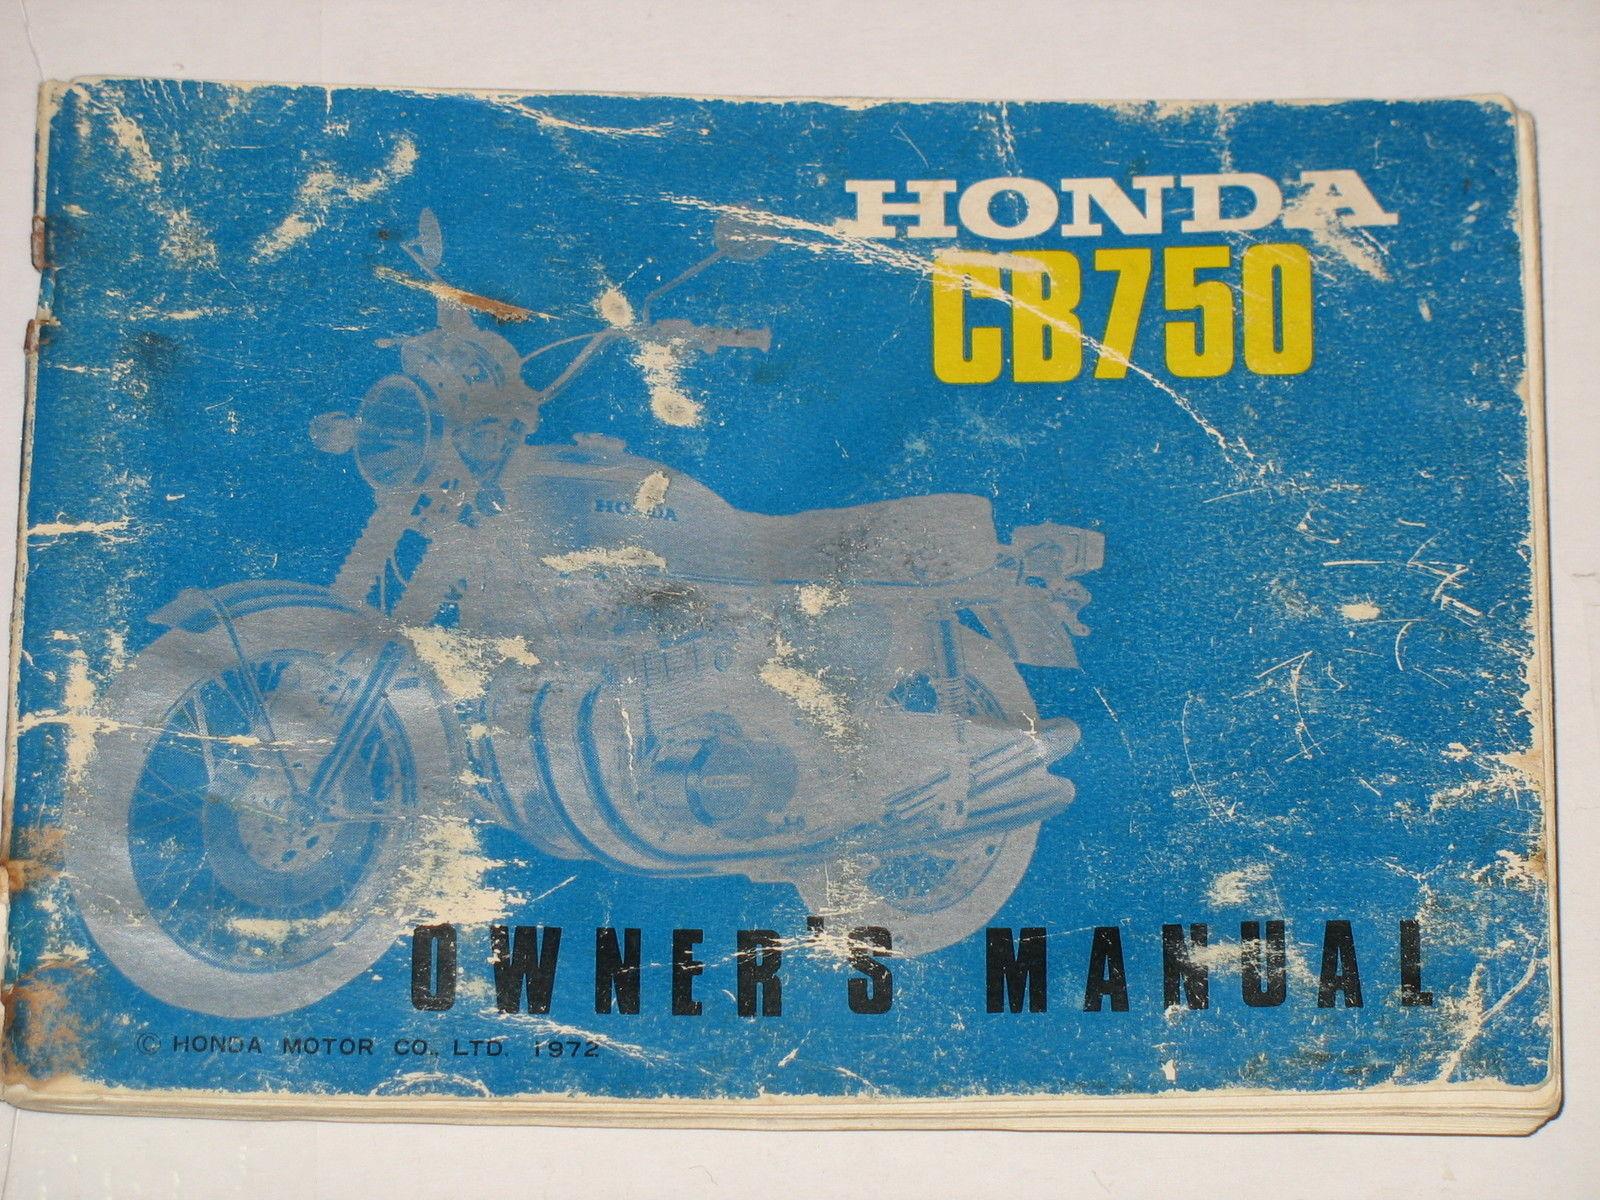 Mf 20 12 operators manual